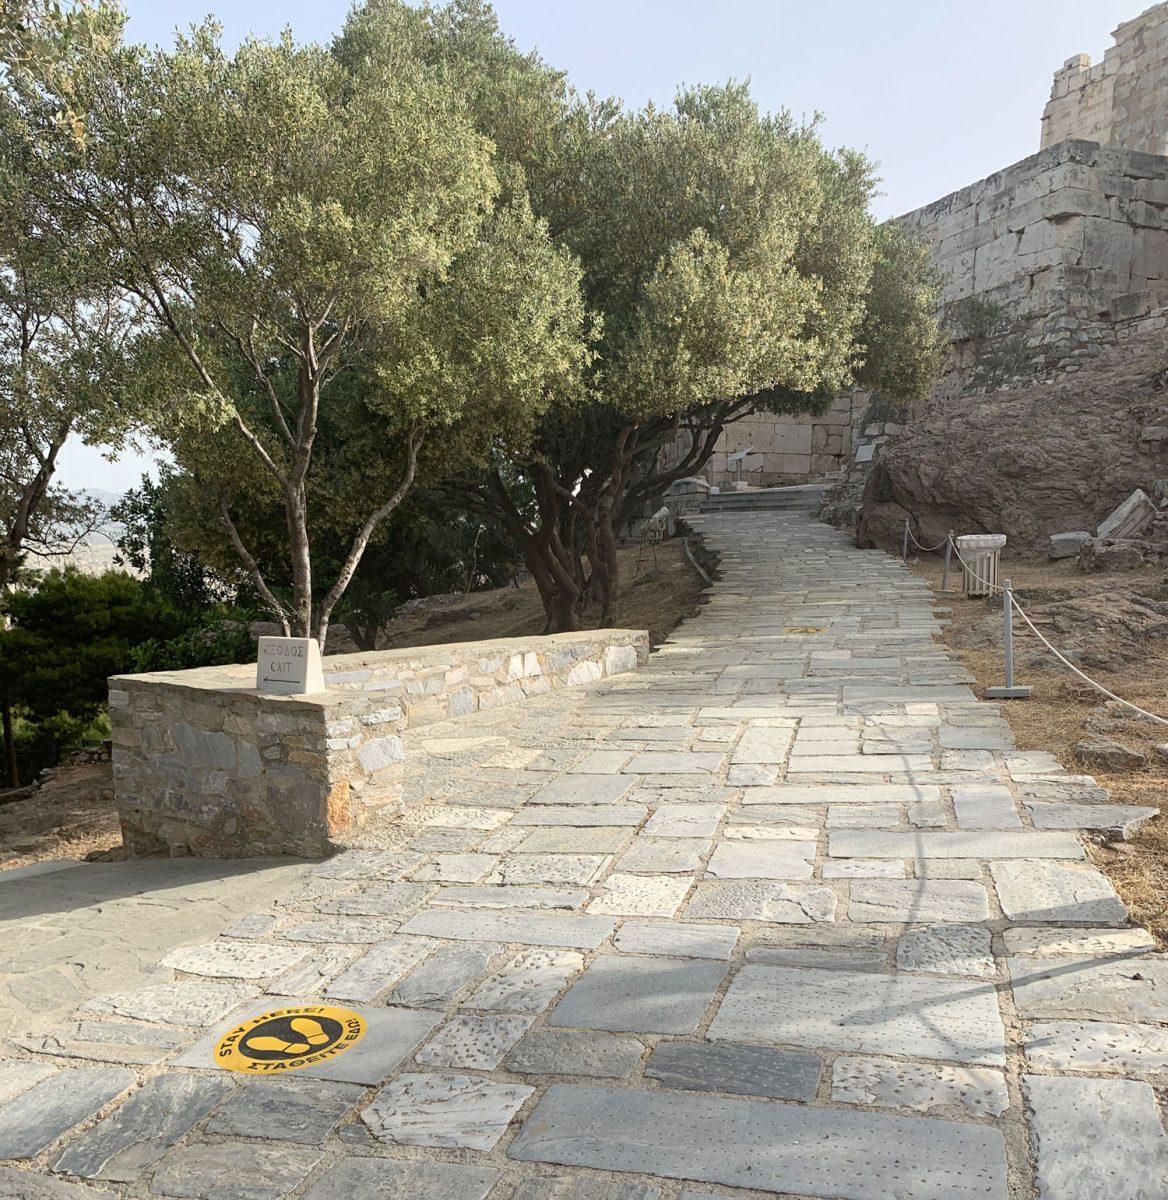 Το ΥΠΠΟΑ έχει εκπονήσει, σύμφωνα με τις οδηγίες του ΕΟΔΥ, σχέδιο ασφαλούς λειτουργίας των αρχαιολογικών χώρων, με γνώμονα την προστασία τόσο των εργαζομένων, όσο και των επισκεπτών (φωτ.: ΥΠΠΟΑ).